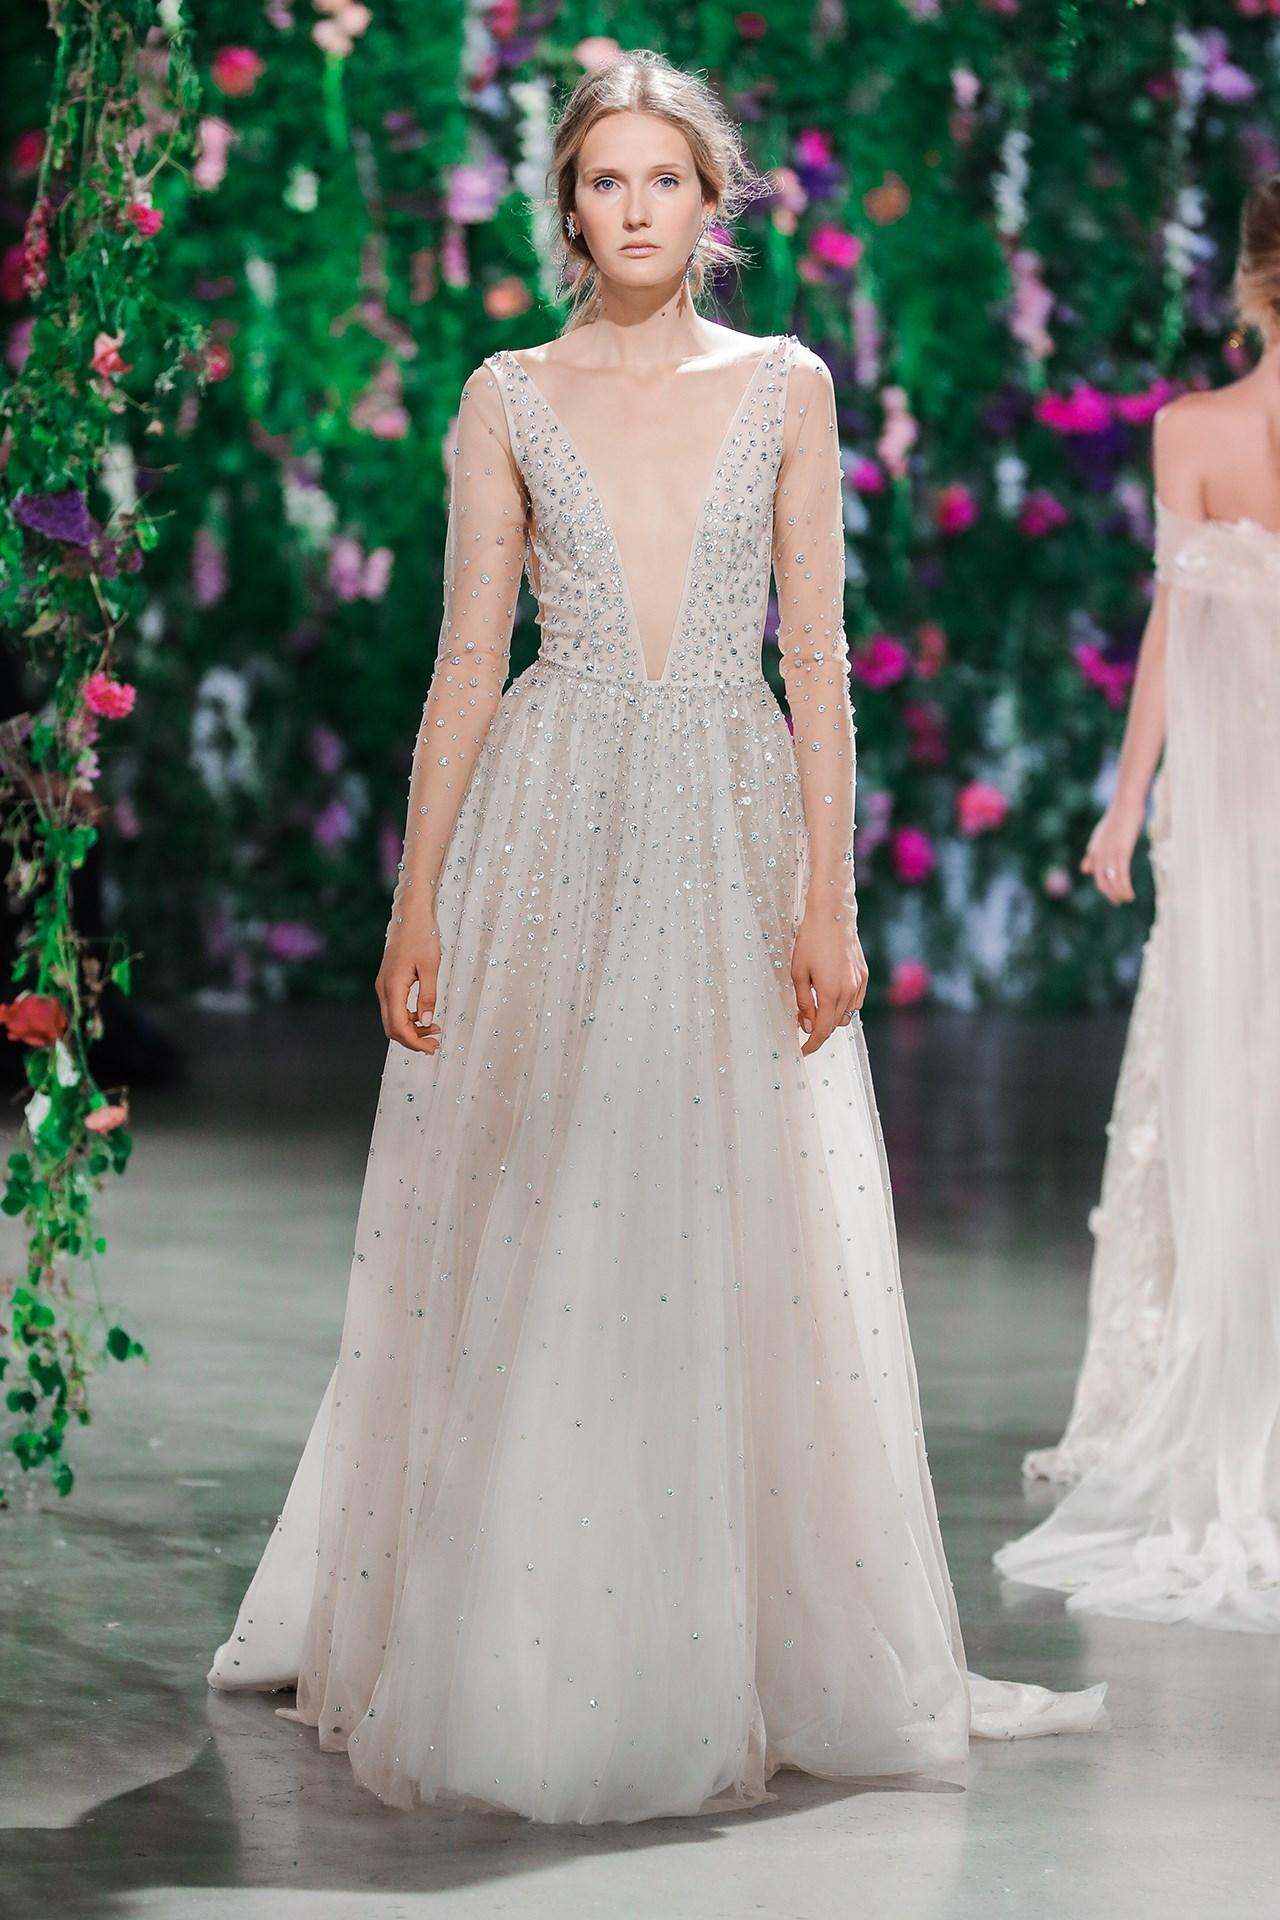 tendencia-vestido-noiva-2018-brilho-Galia Lahav